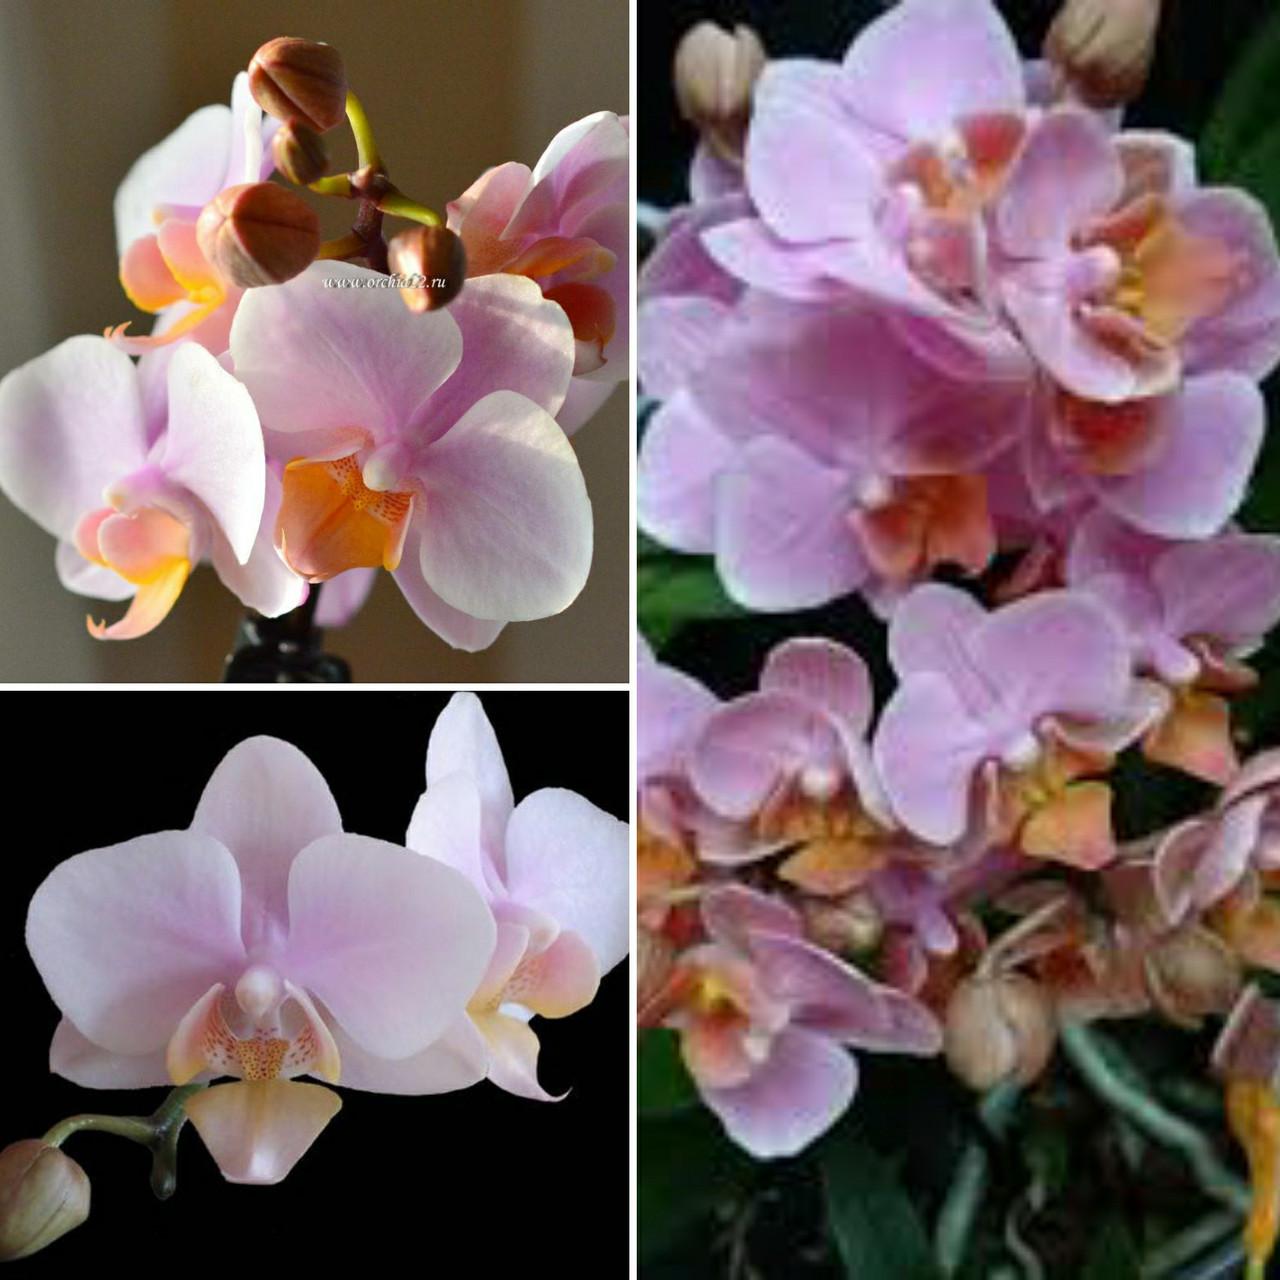 Уцінка, легкі подряпини. Підлітки орхідеї. Сорт little Brother Amaglad горщик 1.7 без квітів